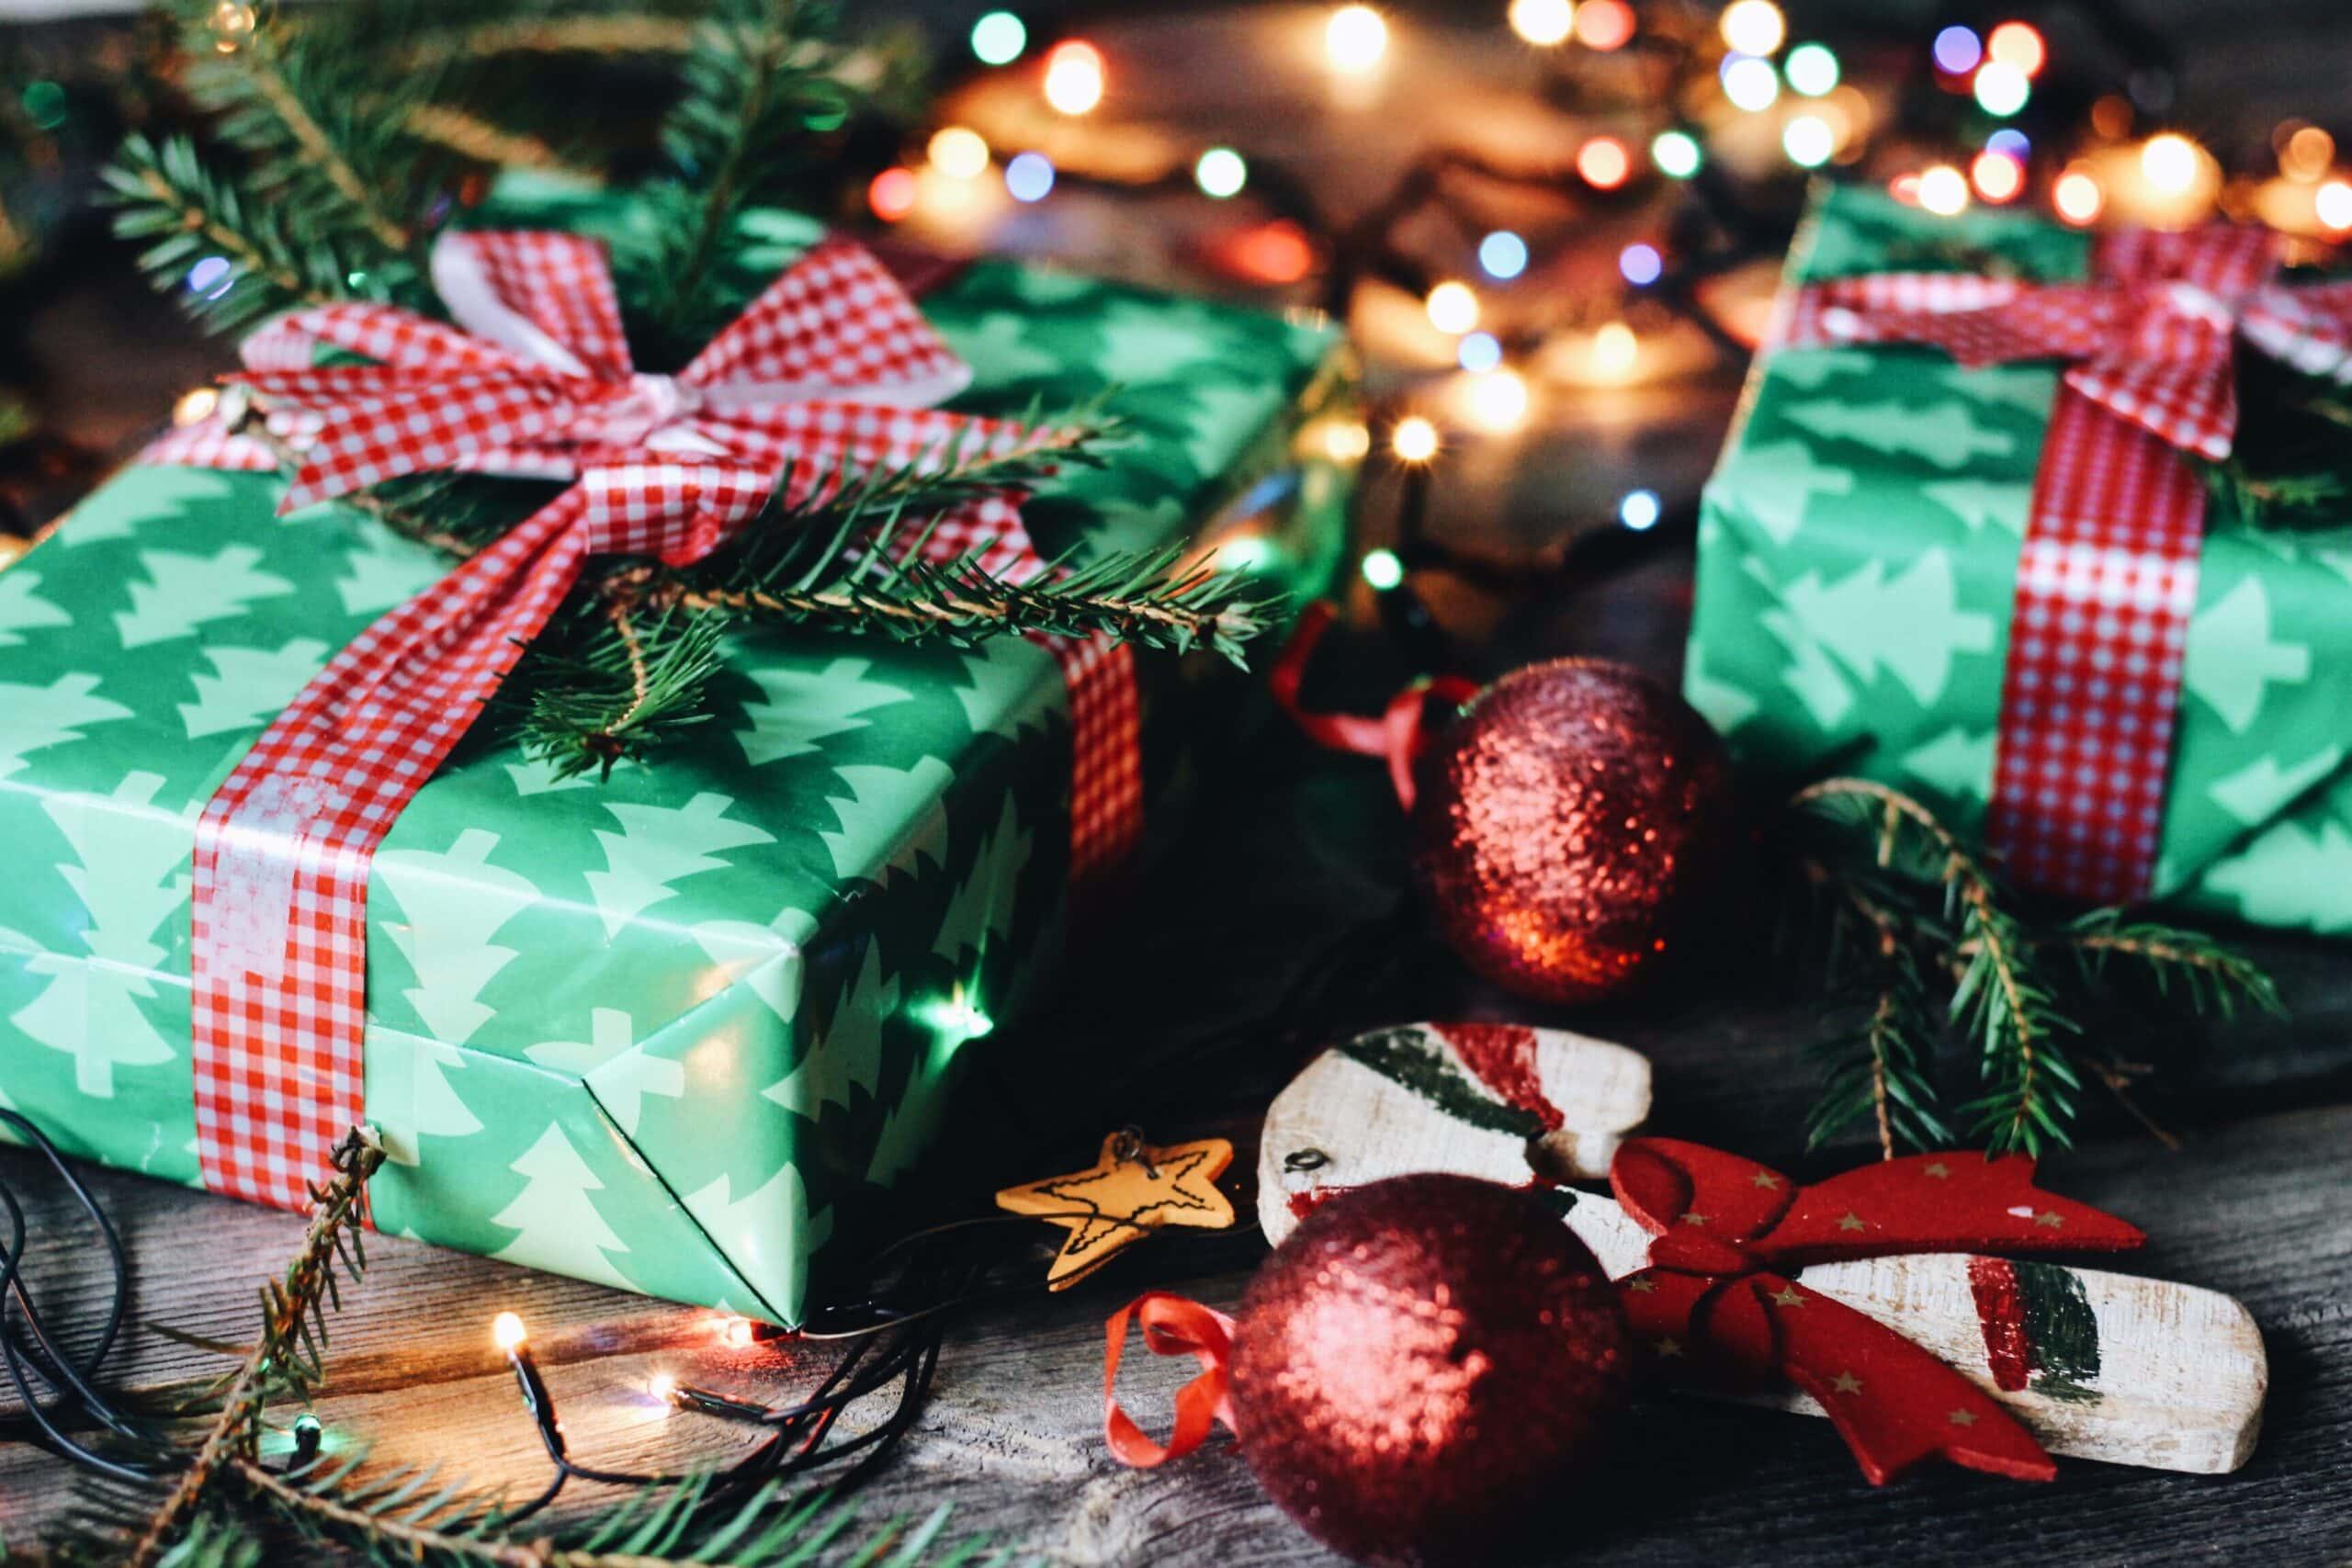 Kerstgeschenken verzekerd?